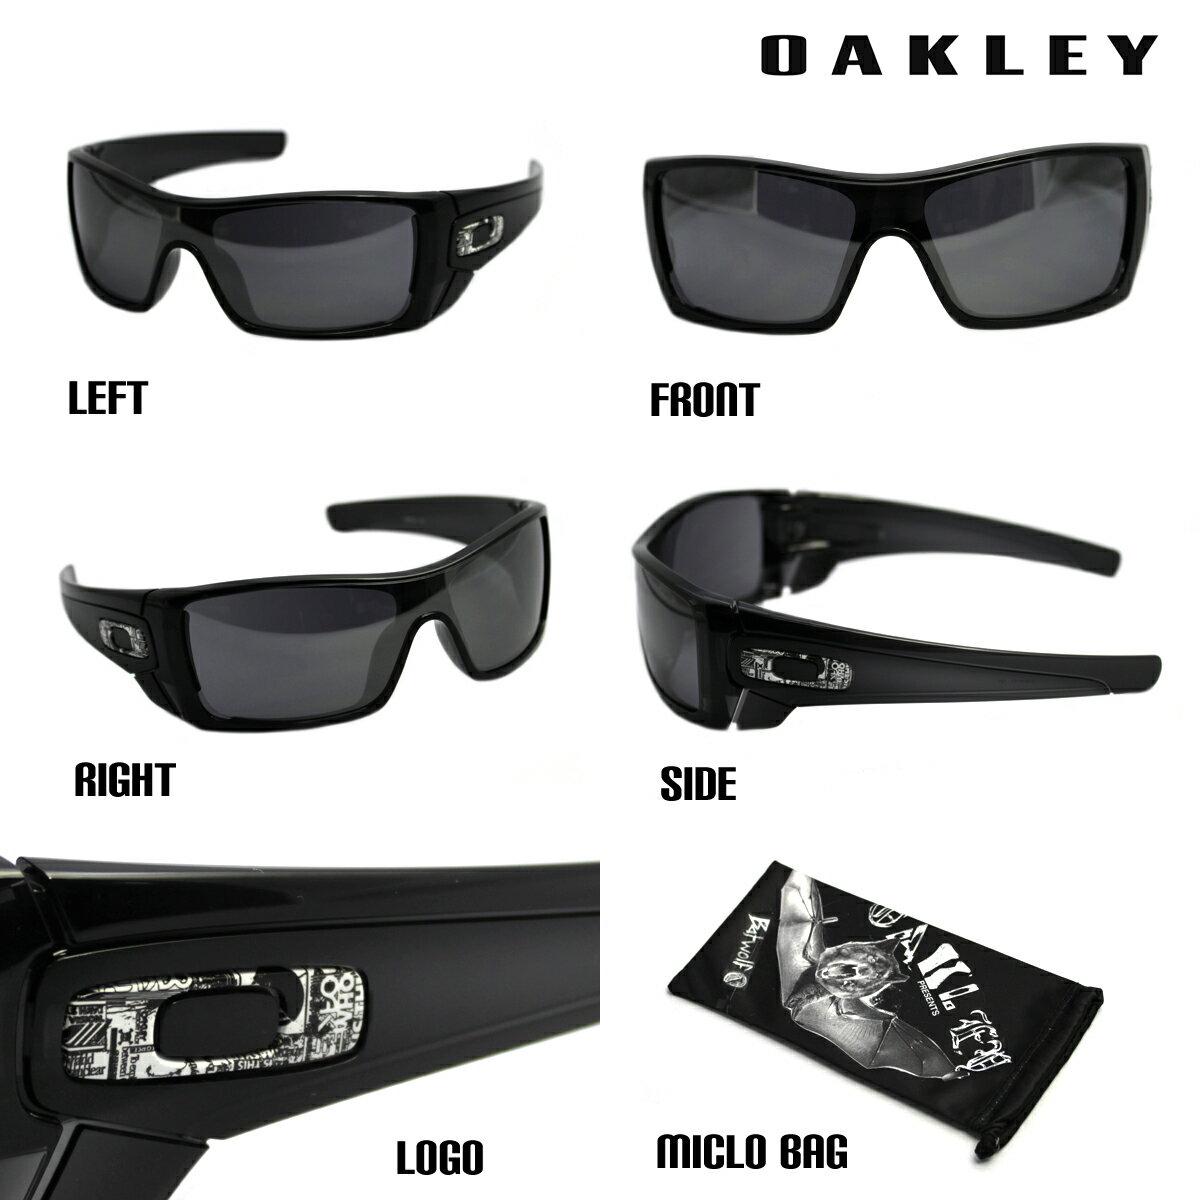 Oakley Batwolf Accessories